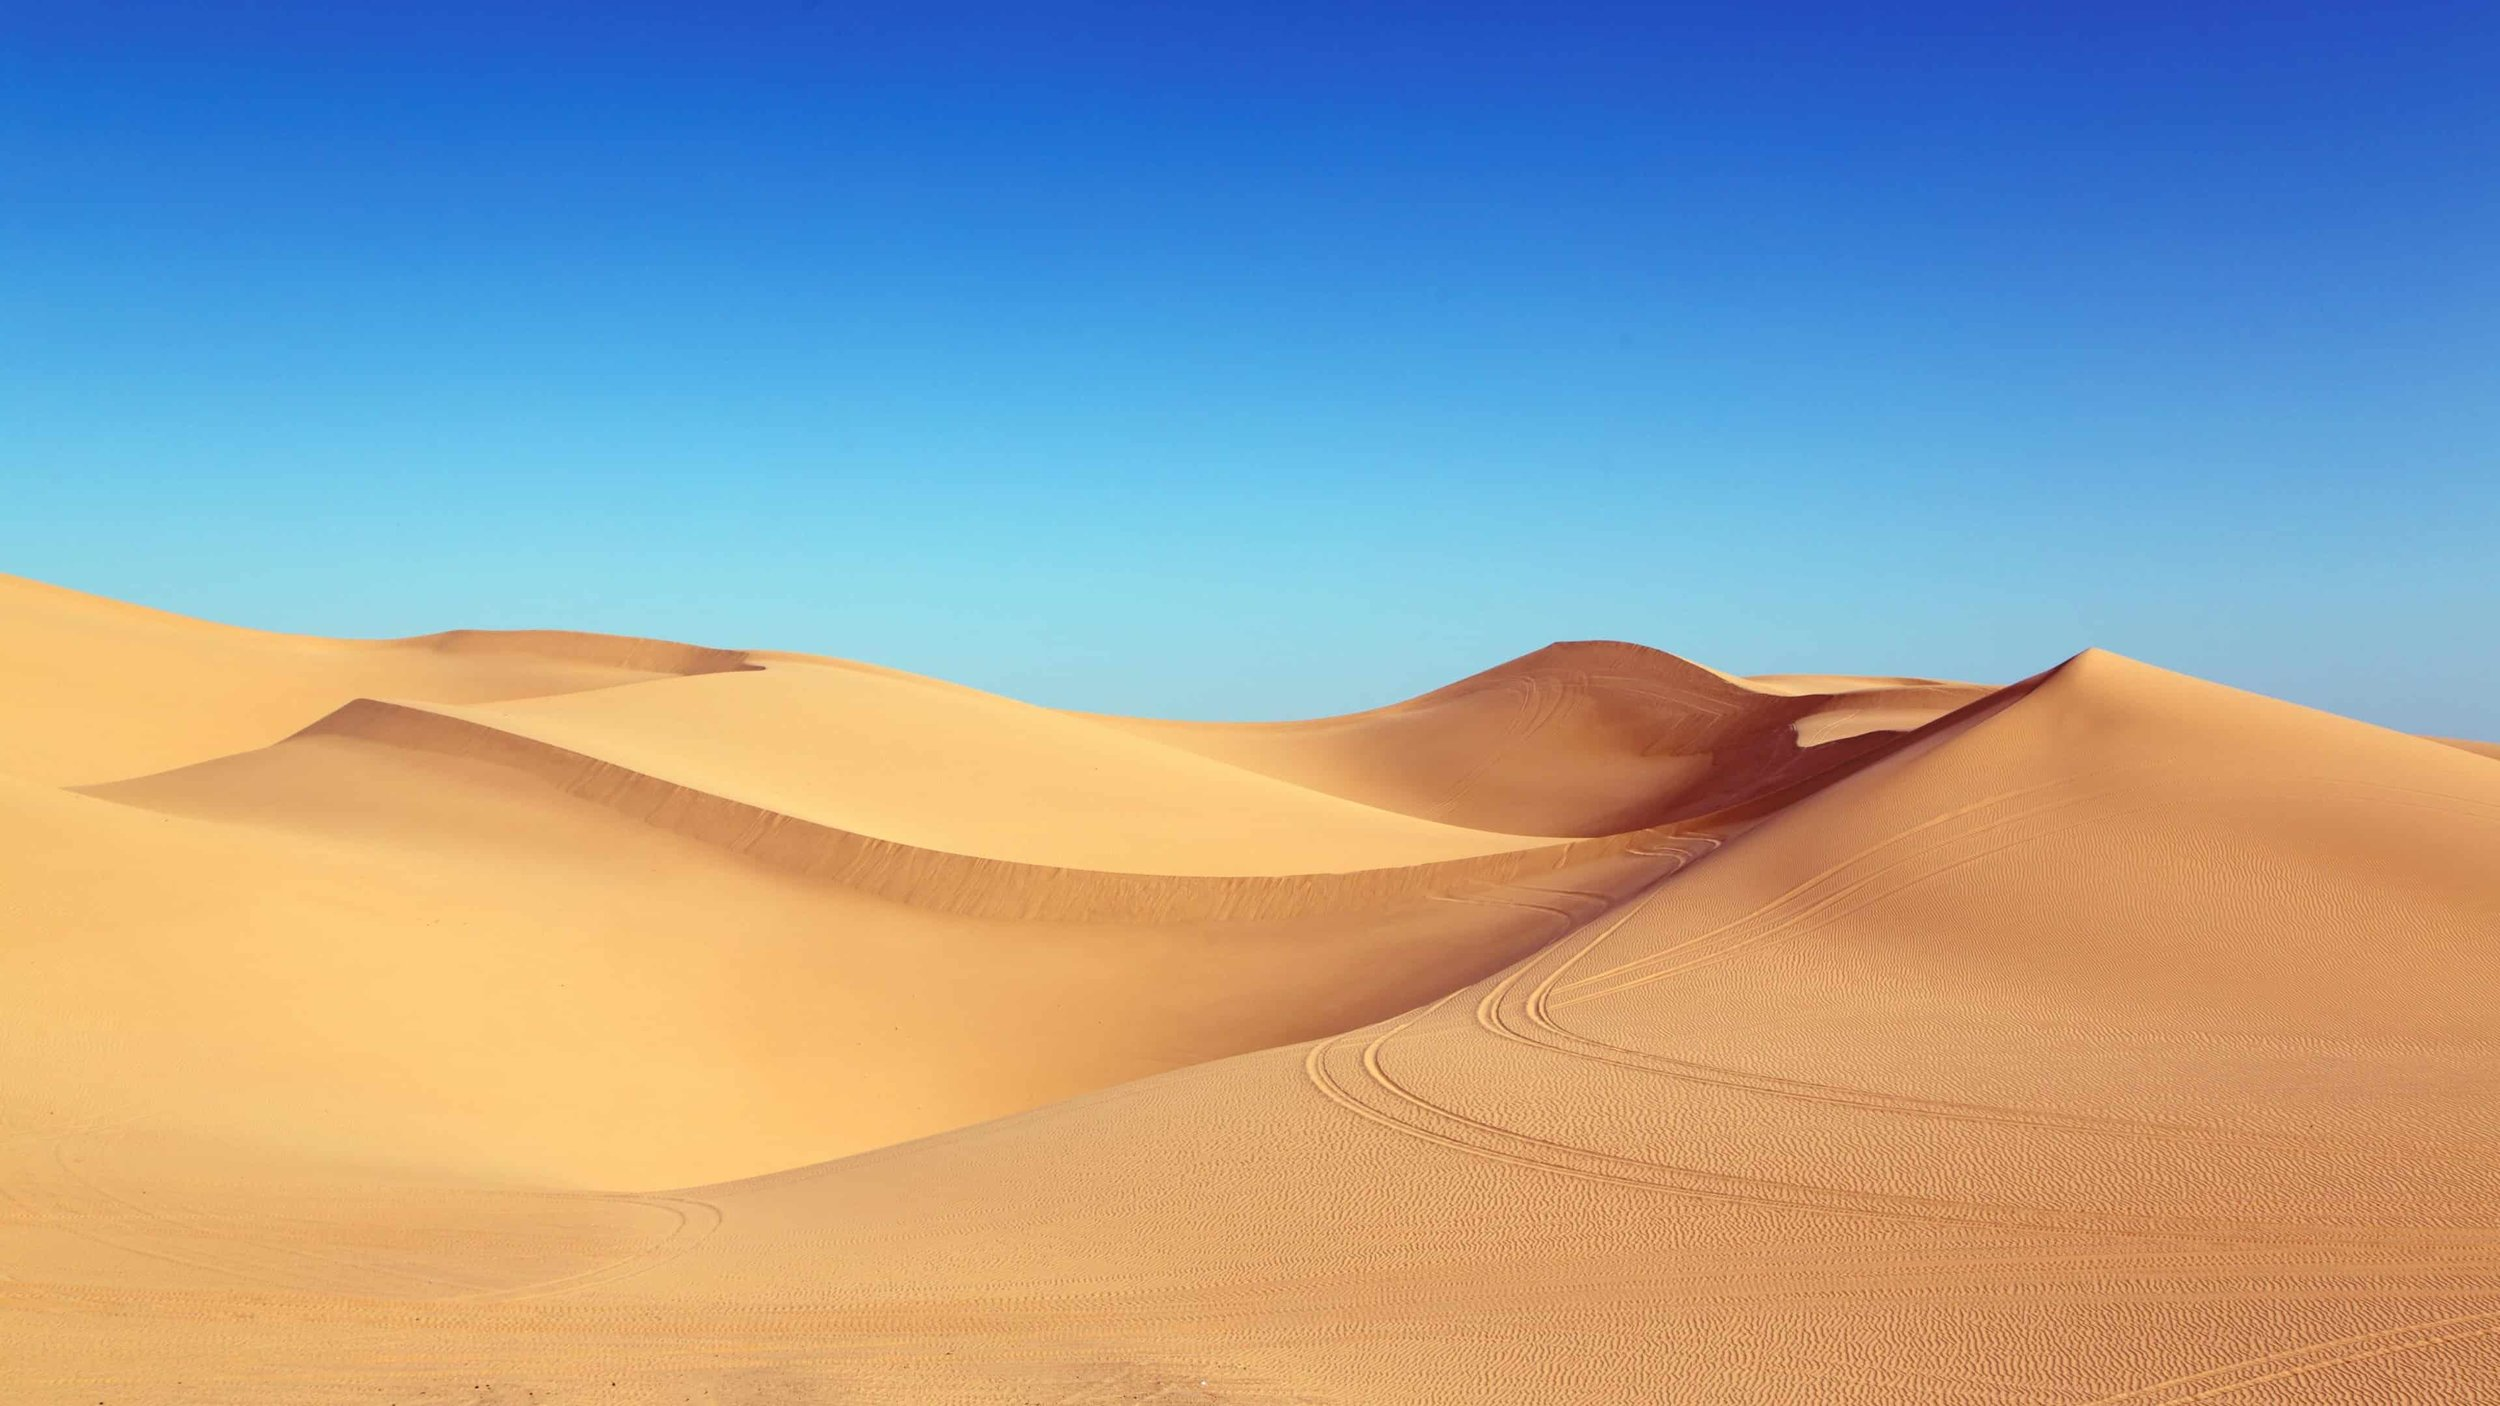 blue-sky-and-desert-dunes-uhd-4k-wallpaper.jpg